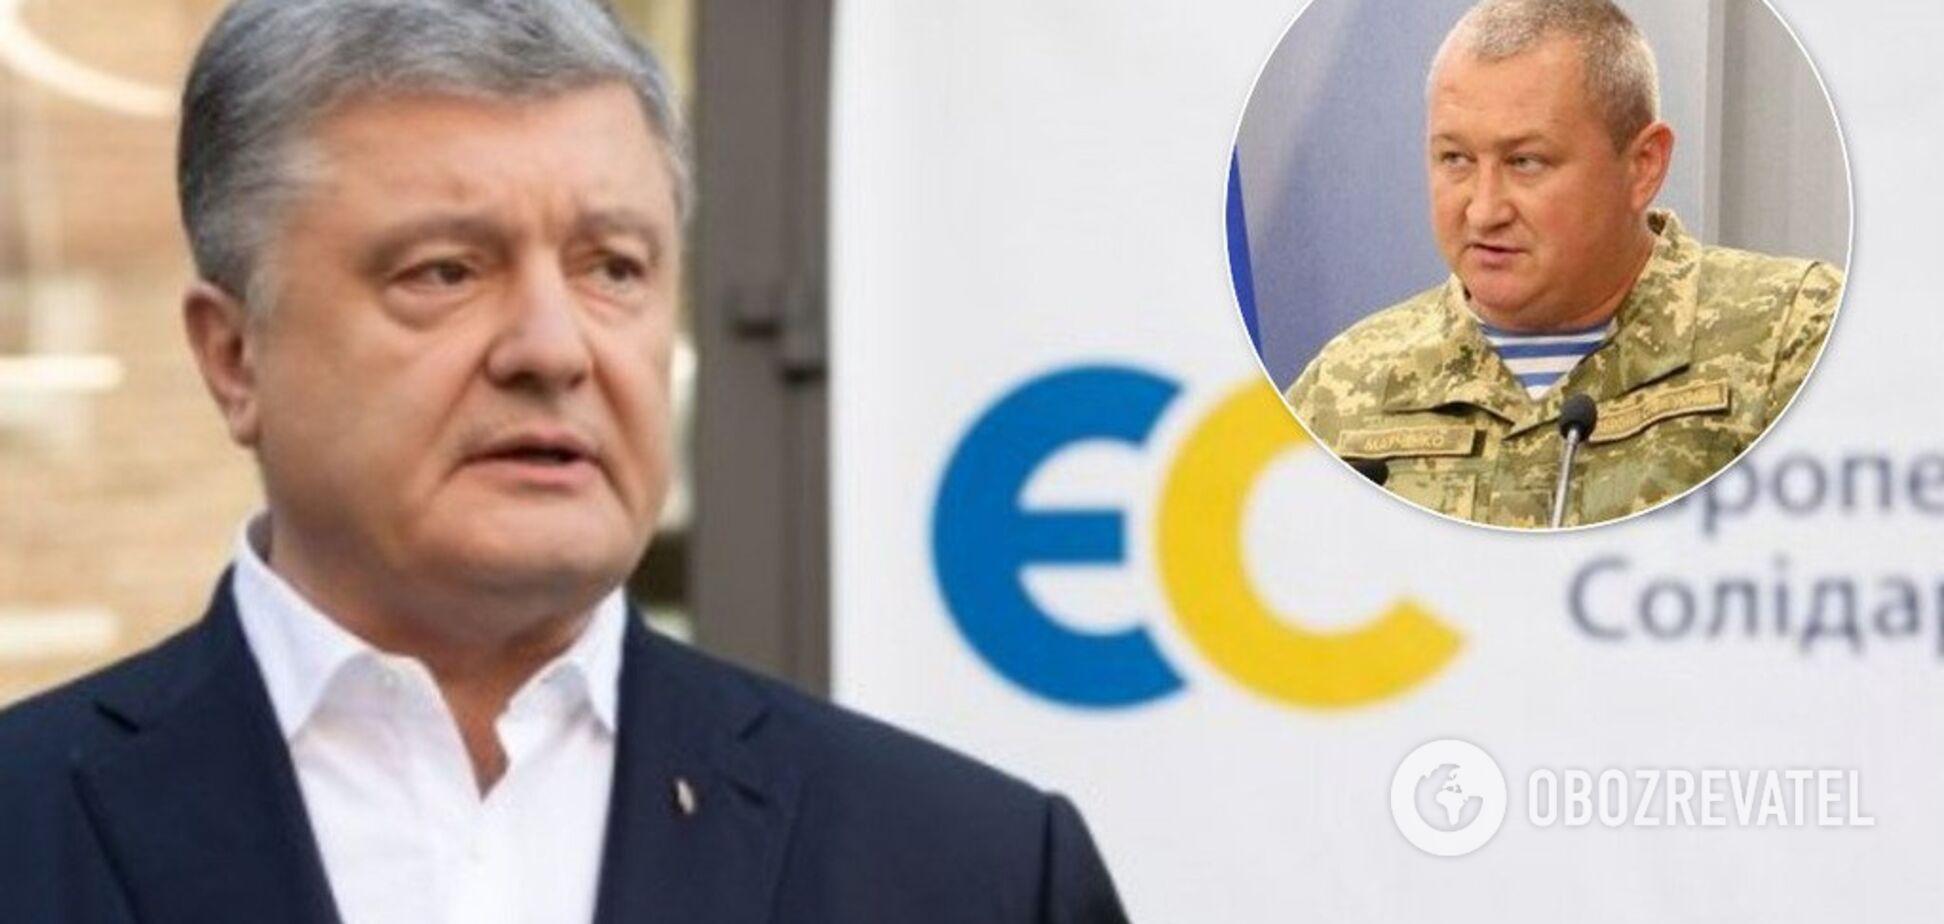 'Грає на руку ворогу!' 'ЄС' зробила важливу заяву щодо справи 'бракованих бронежилетів'